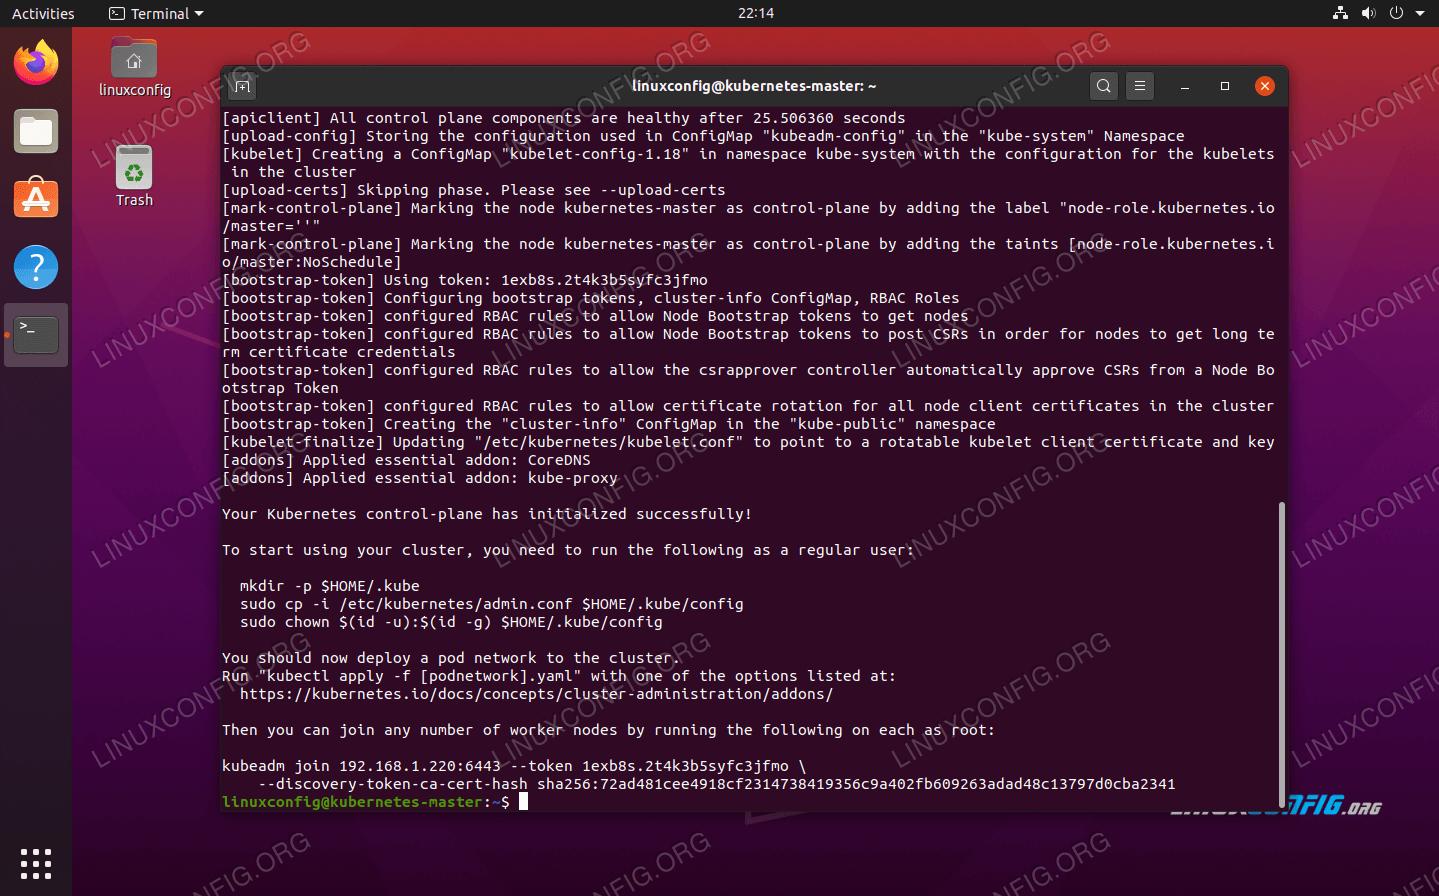 Kubernetes on Ubuntu 20.04 master node is now initialized